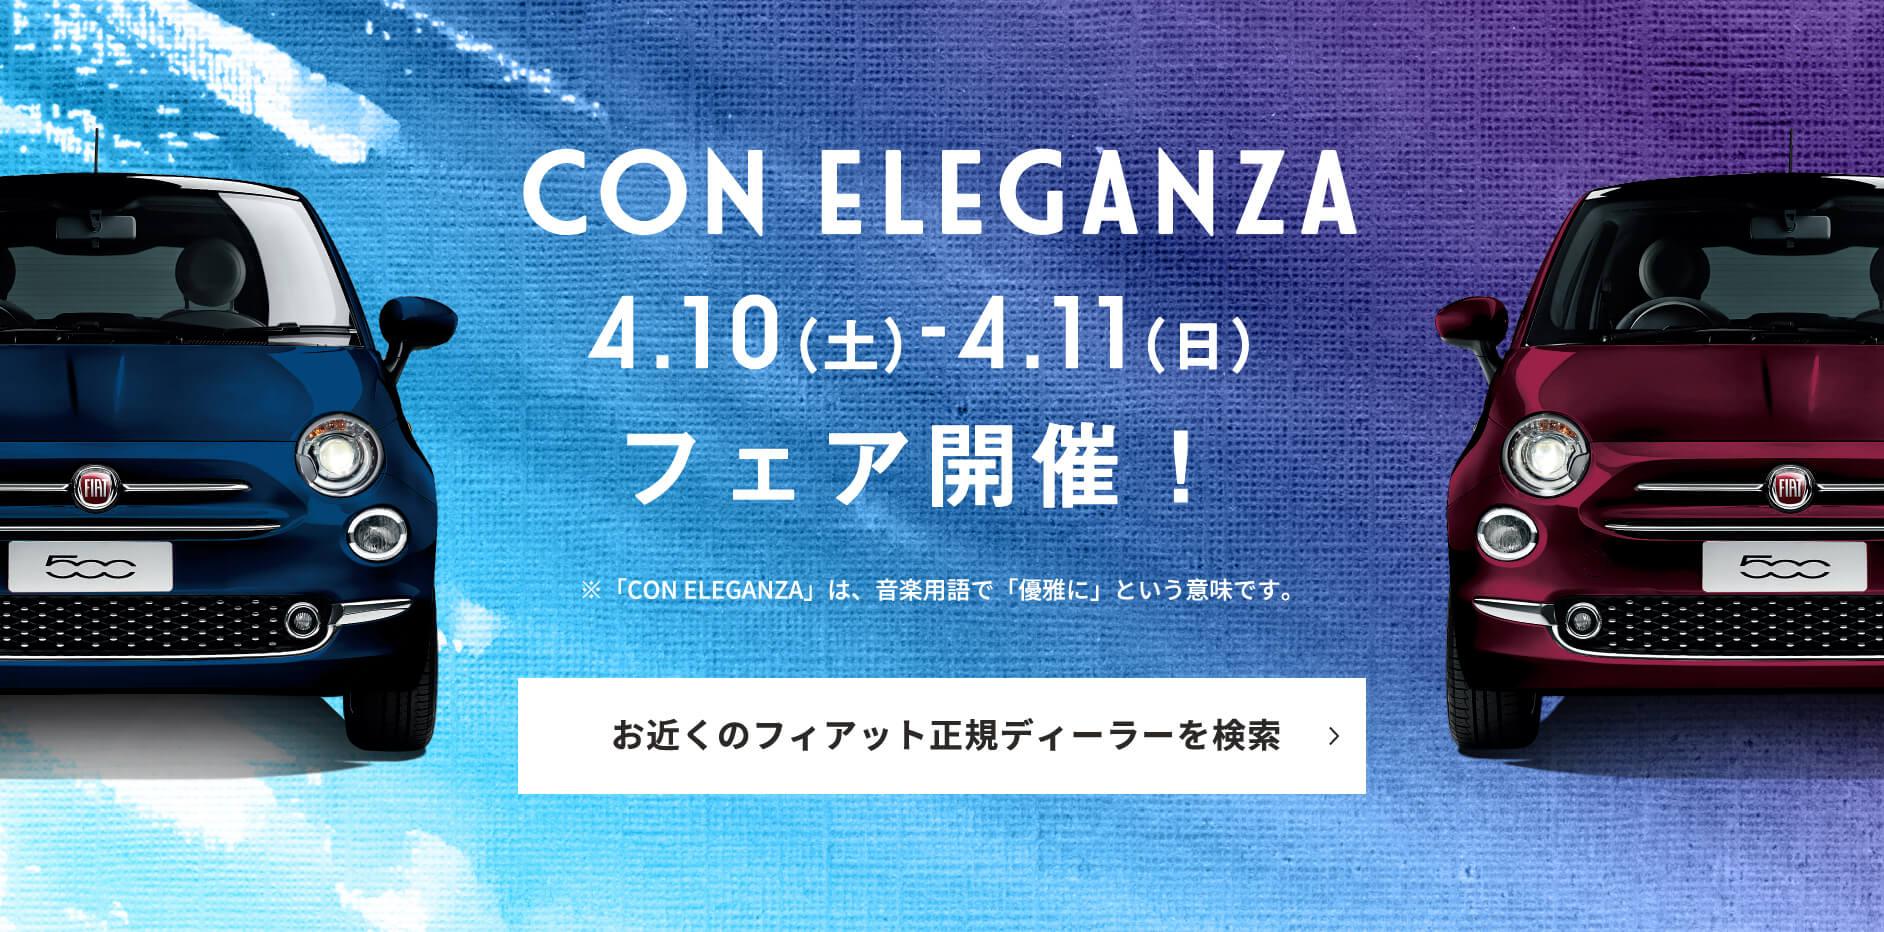 フィアット広島 限定車『500 Eleganza』が登場!フェア開催 4.10 sat ≫ 4.11 sun